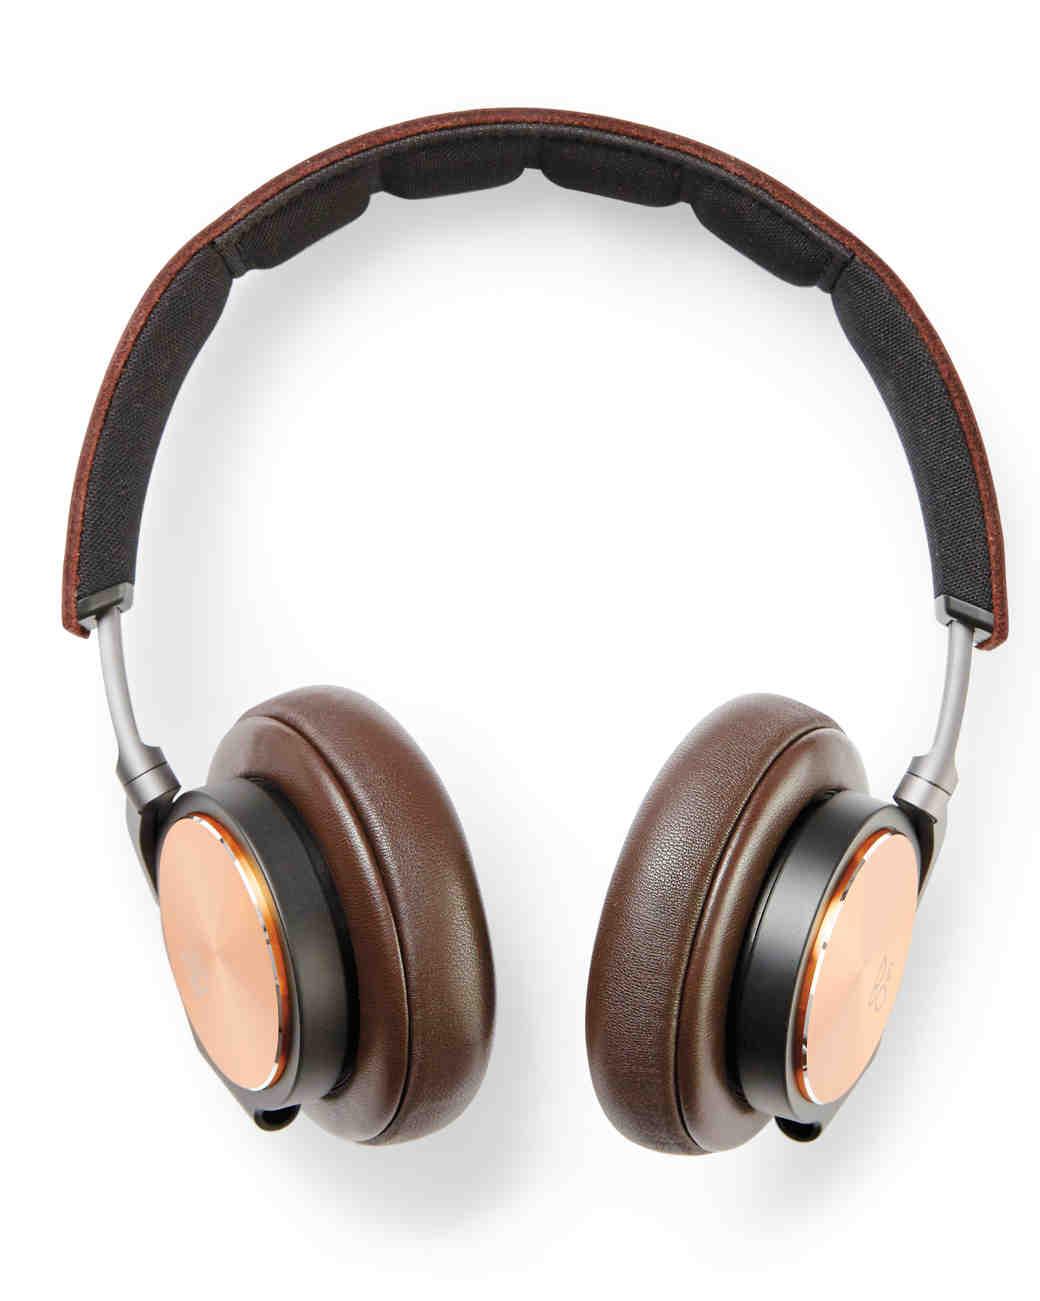 headphones-brown-031-d111574.jpg